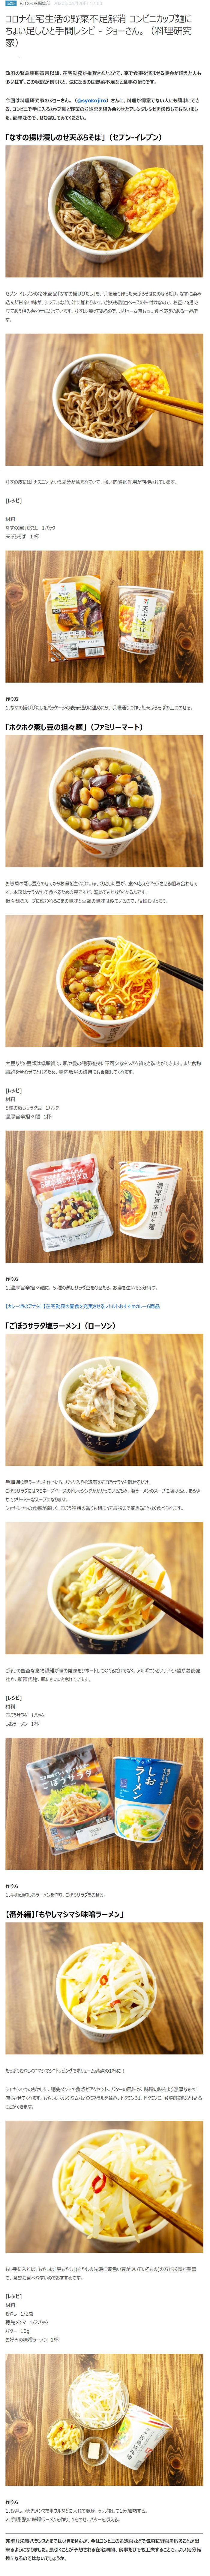 0コンビニカップ麺750